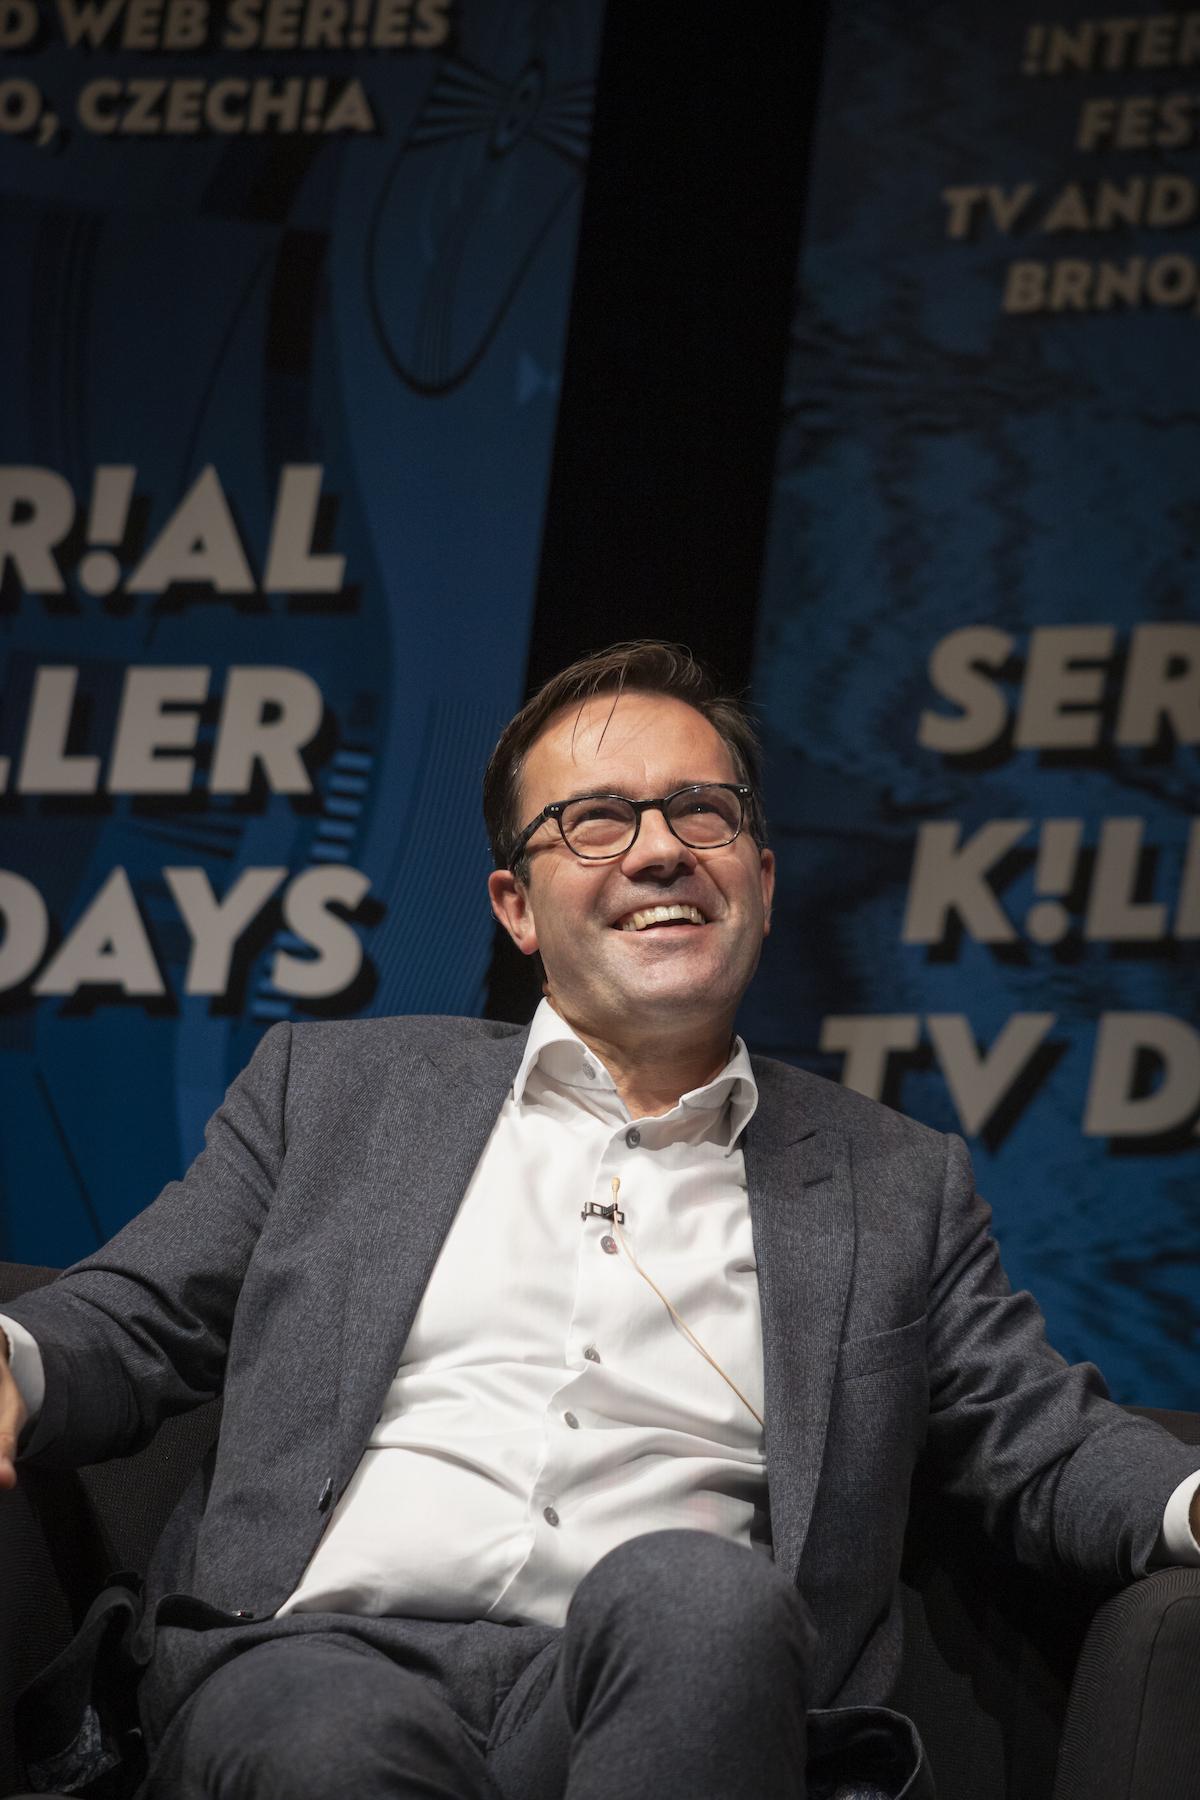 Frederik Delaplace, generální ředitel vlámské veřejnoprávní televize VRT. Foto: Serial Killer